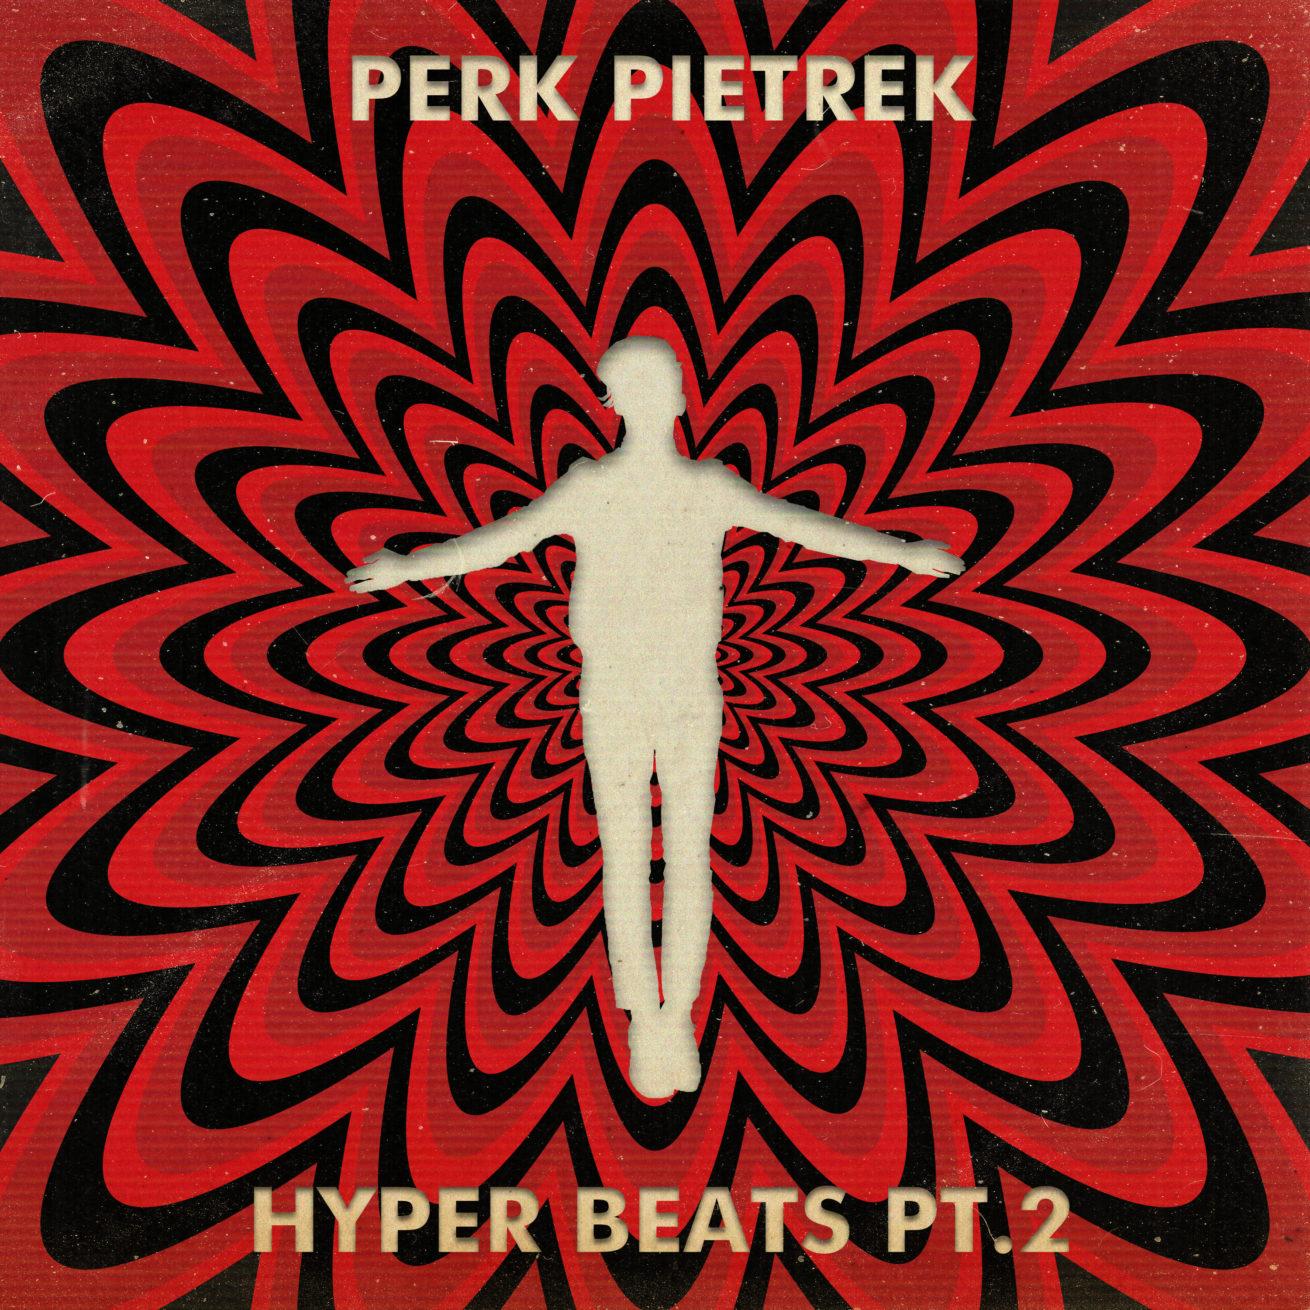 Hyper Beats PT. 2